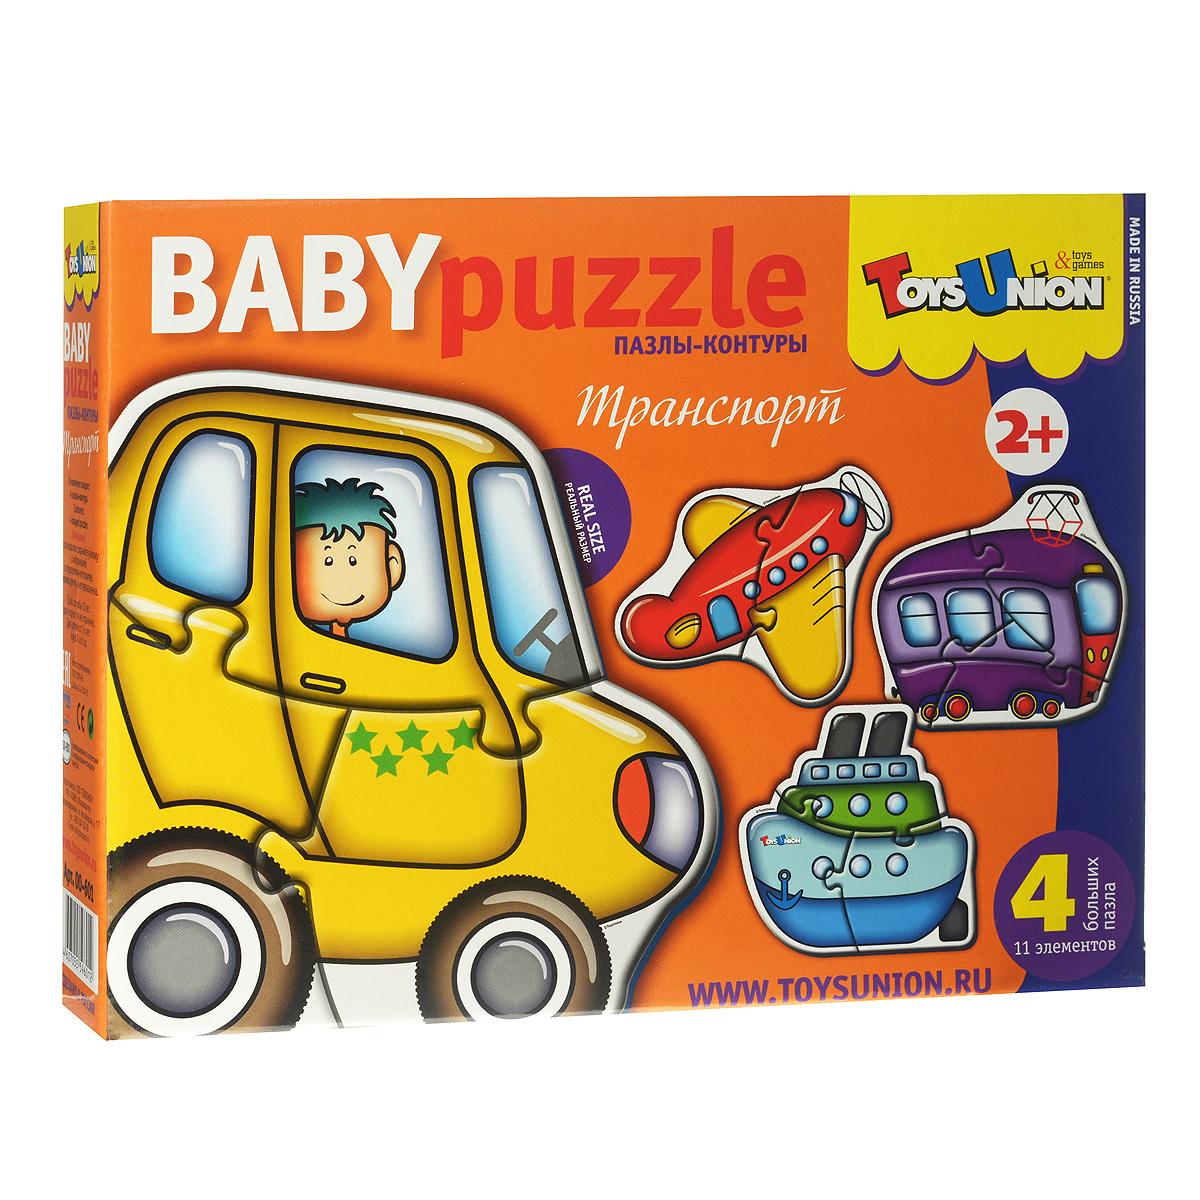 Пазл ToysUnion Транспорт, фигурный, 4 в 1тю00-601Пазлы-контуры ToysUnion Транспорт - это увлекательная игра-головоломка, помогающая развивать у ребенка воображение, пространственное восприятие, память. Пазлы предназначены специально для маленьких детей. Малышу будет удобно брать крупные элементы в руки и самостоятельно собирать картинки. В комплект входит 11 картонных элементов, из которых можно собрать 4 картинки с изображениями общественного транспорта. Процесс собирания пазлов способствует развитию не только образного, но и логического мышления, произвольного внимания, восприятия. В частности, различению отдельных элементов по цвету, форме, размеру и т. д. Процесс собирания пазлов учит правильно воспринимать связь между частью и целым. Веселые и добрые картинки, крупные детали, выполненные из высококачественного и экологически чистого материала, доставят вашему ребенку радость и помогут познать окружающий мир.